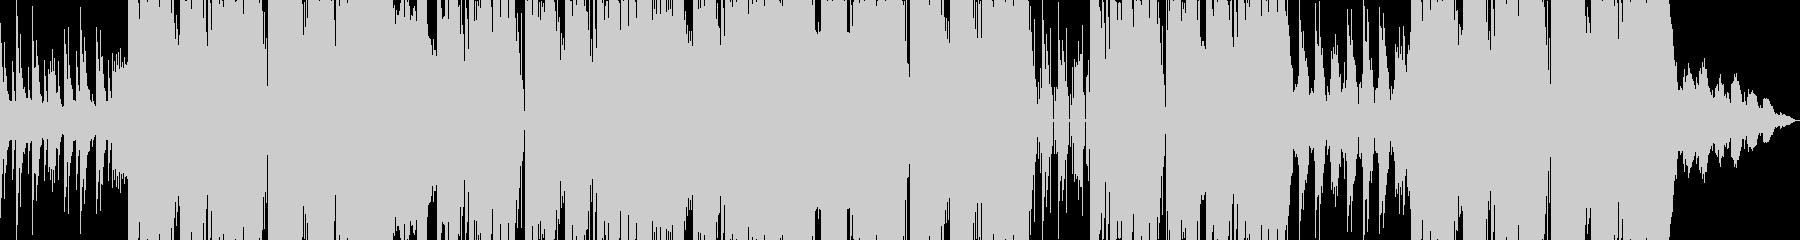 幻想的なベルのメロディのエモトラップの未再生の波形